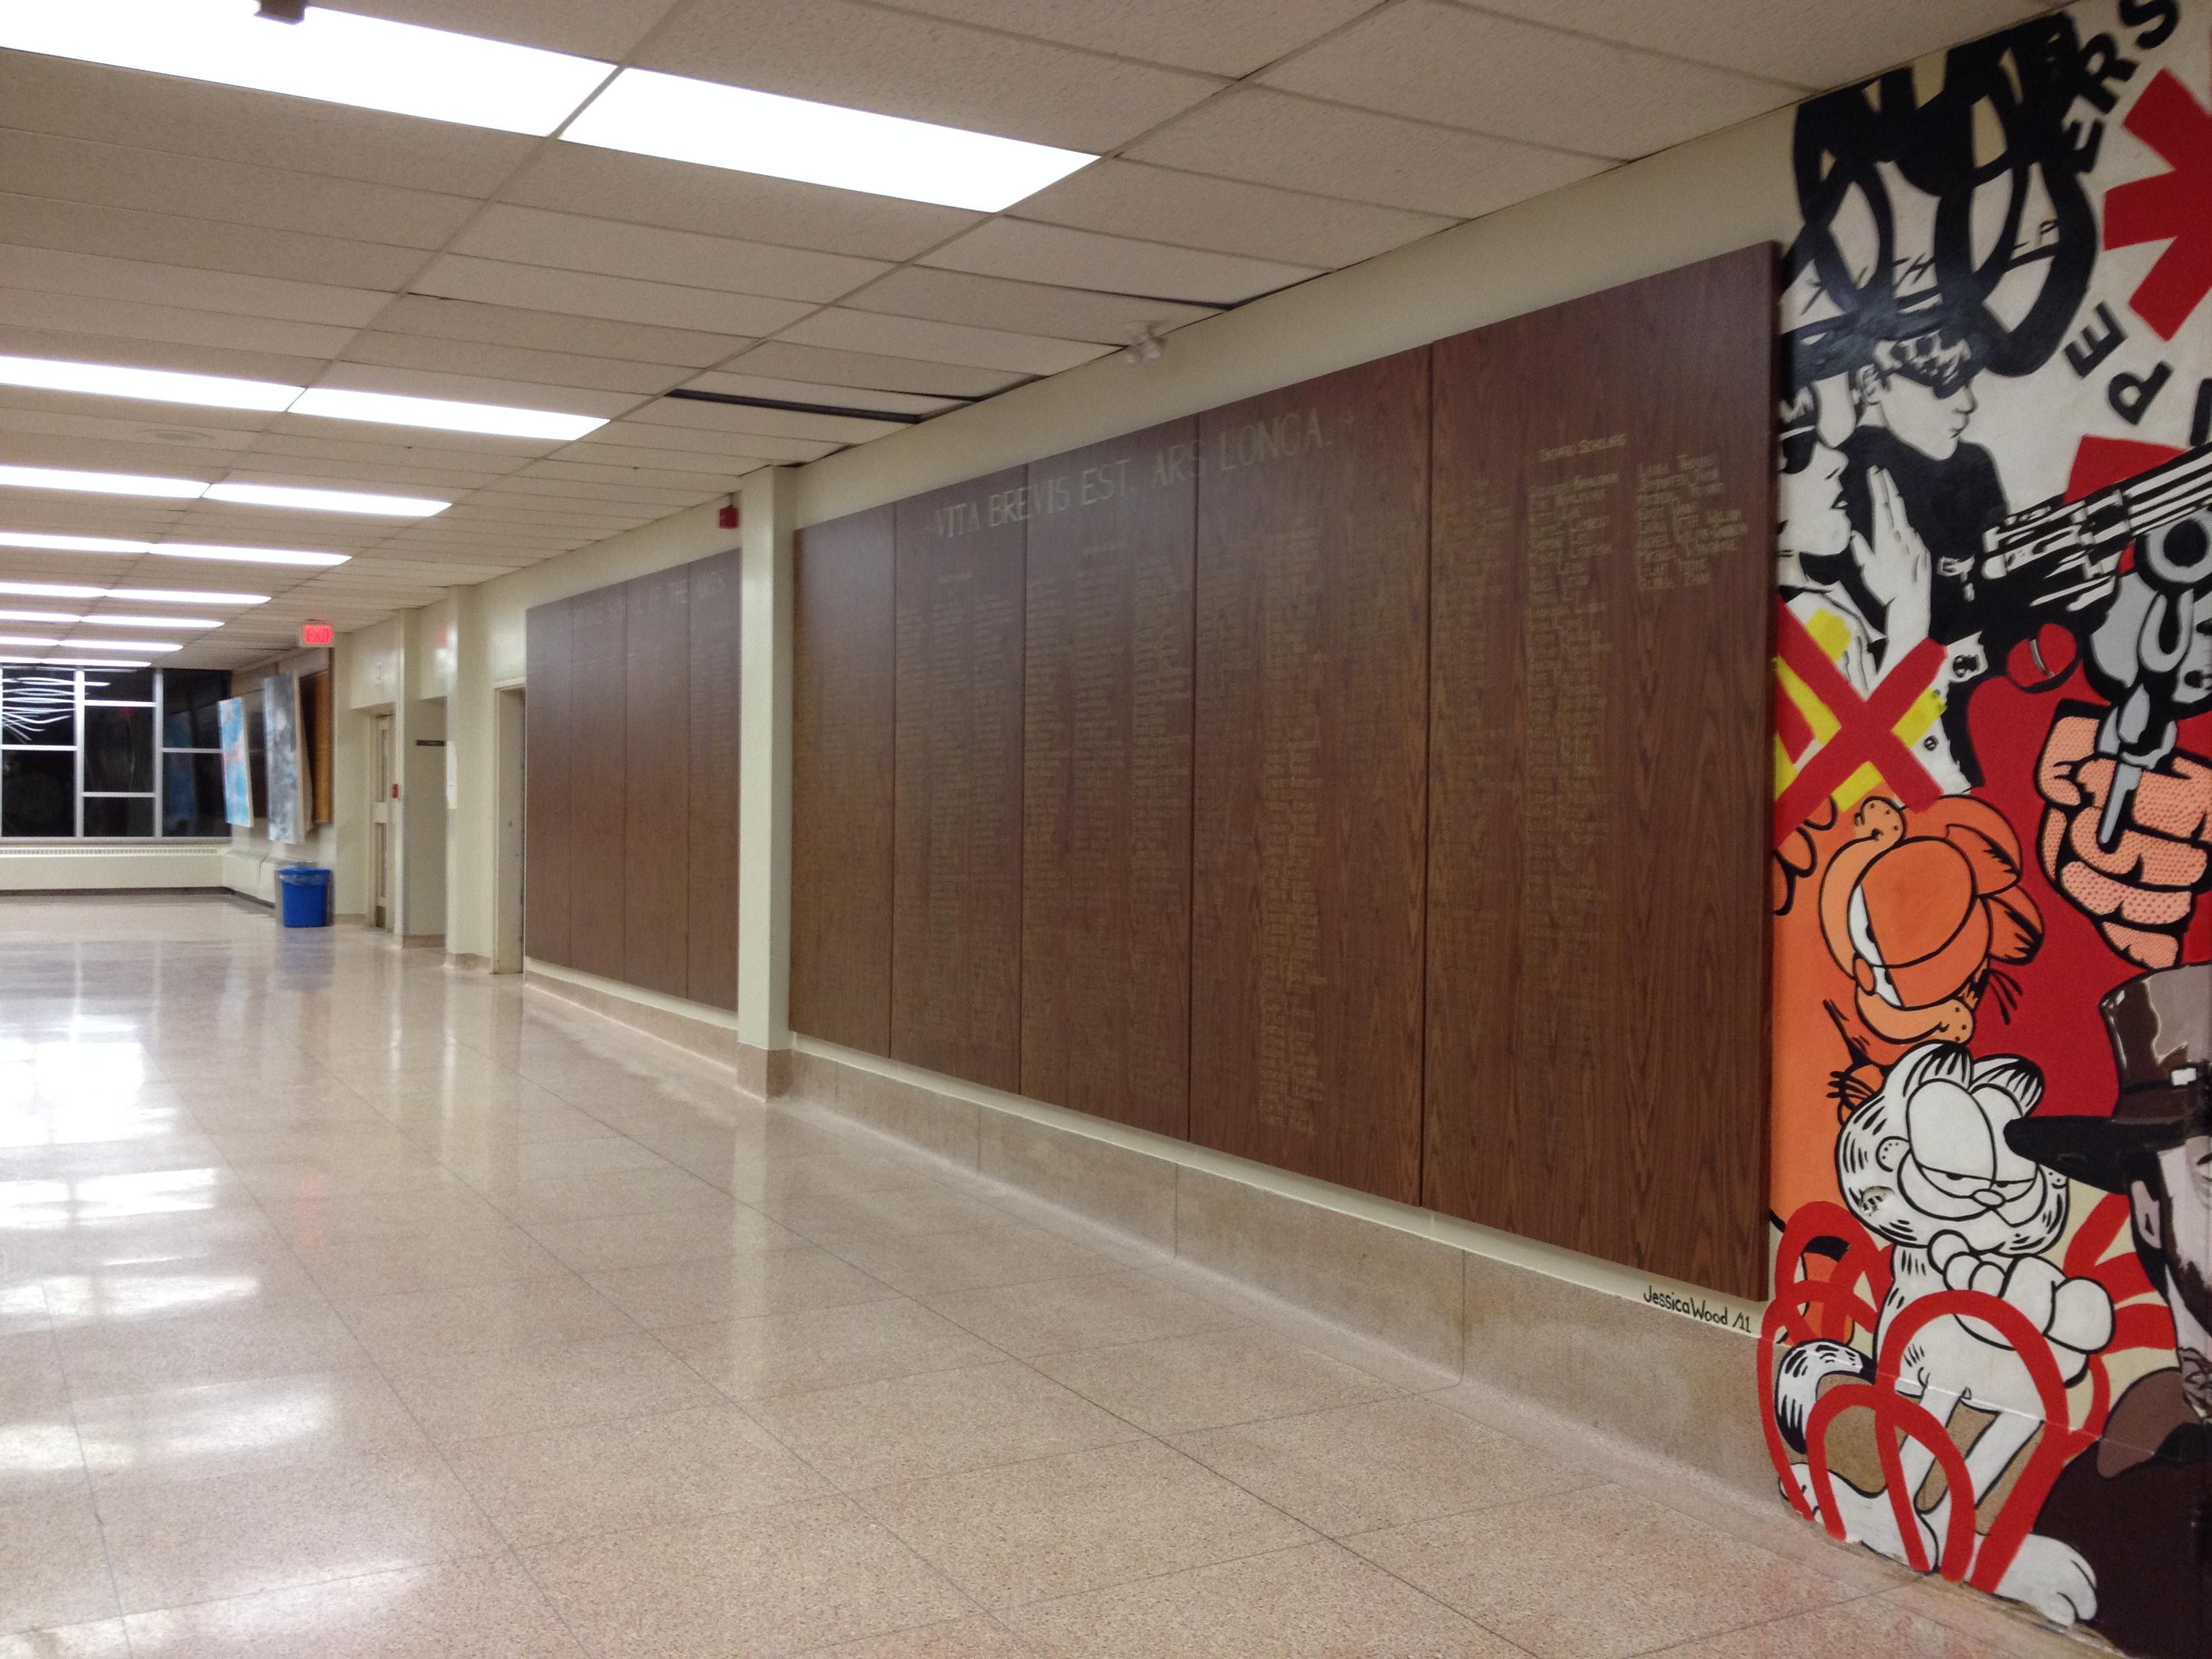 Auditorium hallway 2